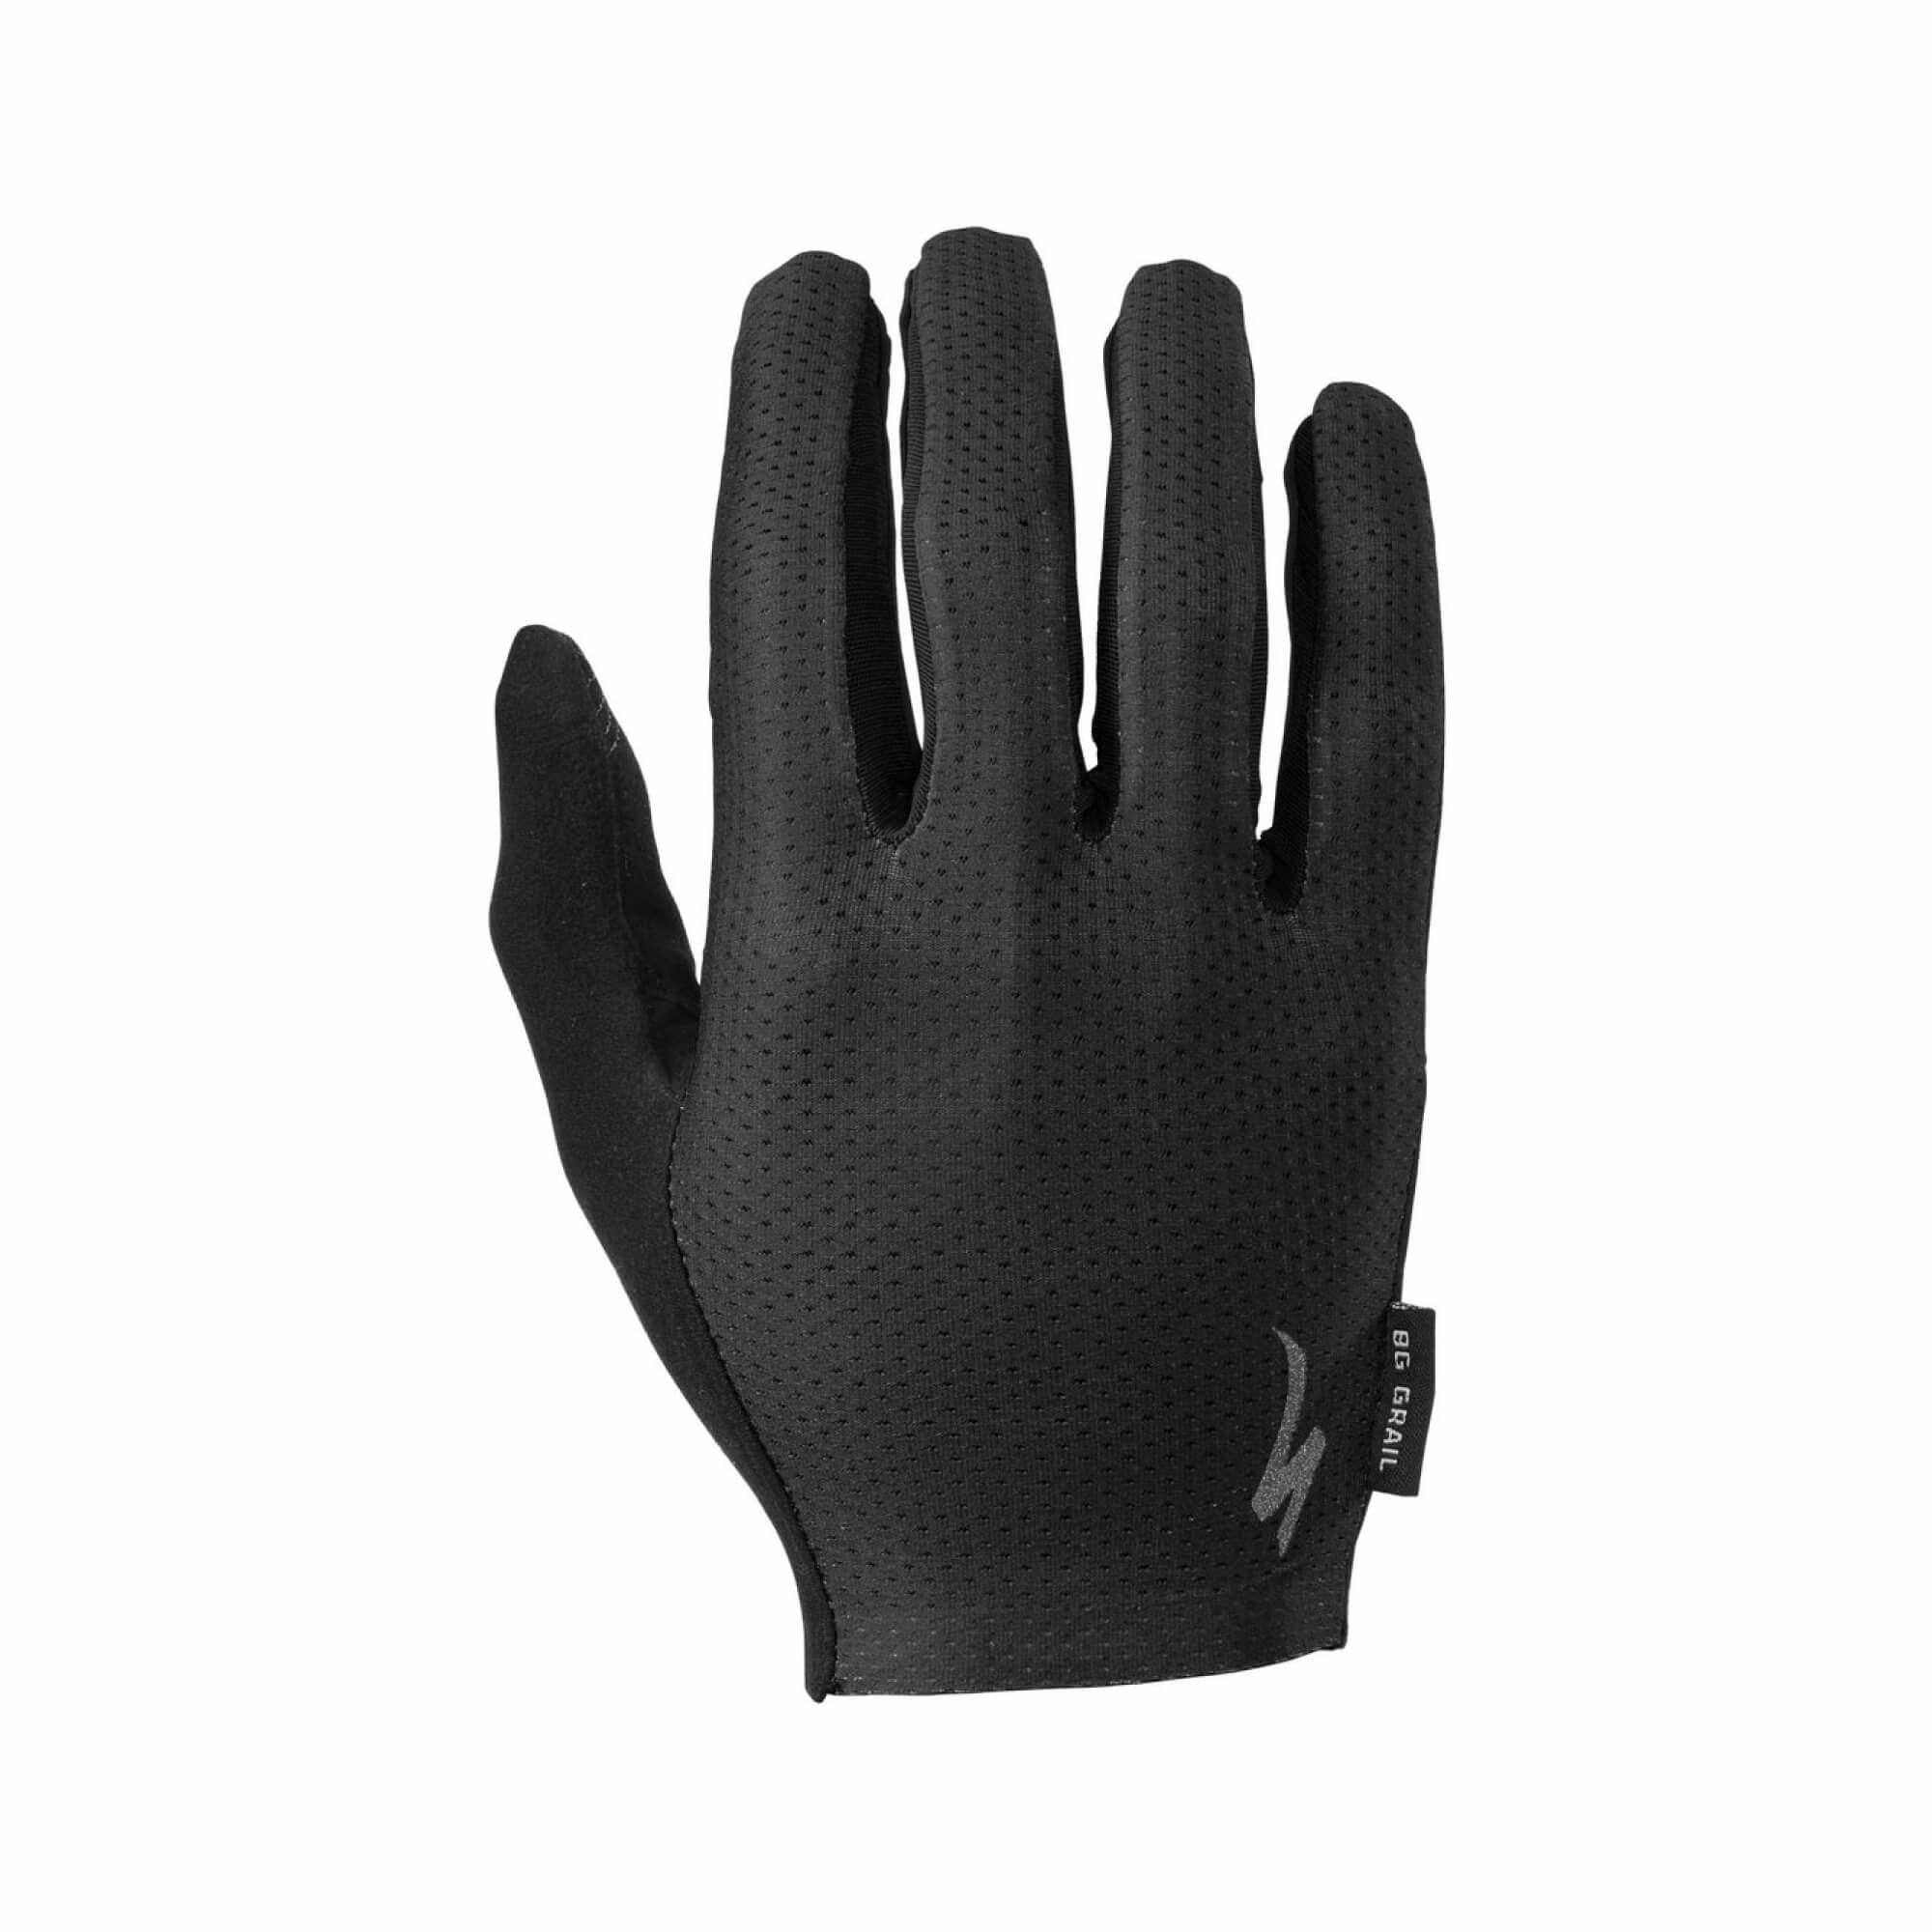 Body Geometry Grail Glove Long Fingers-1